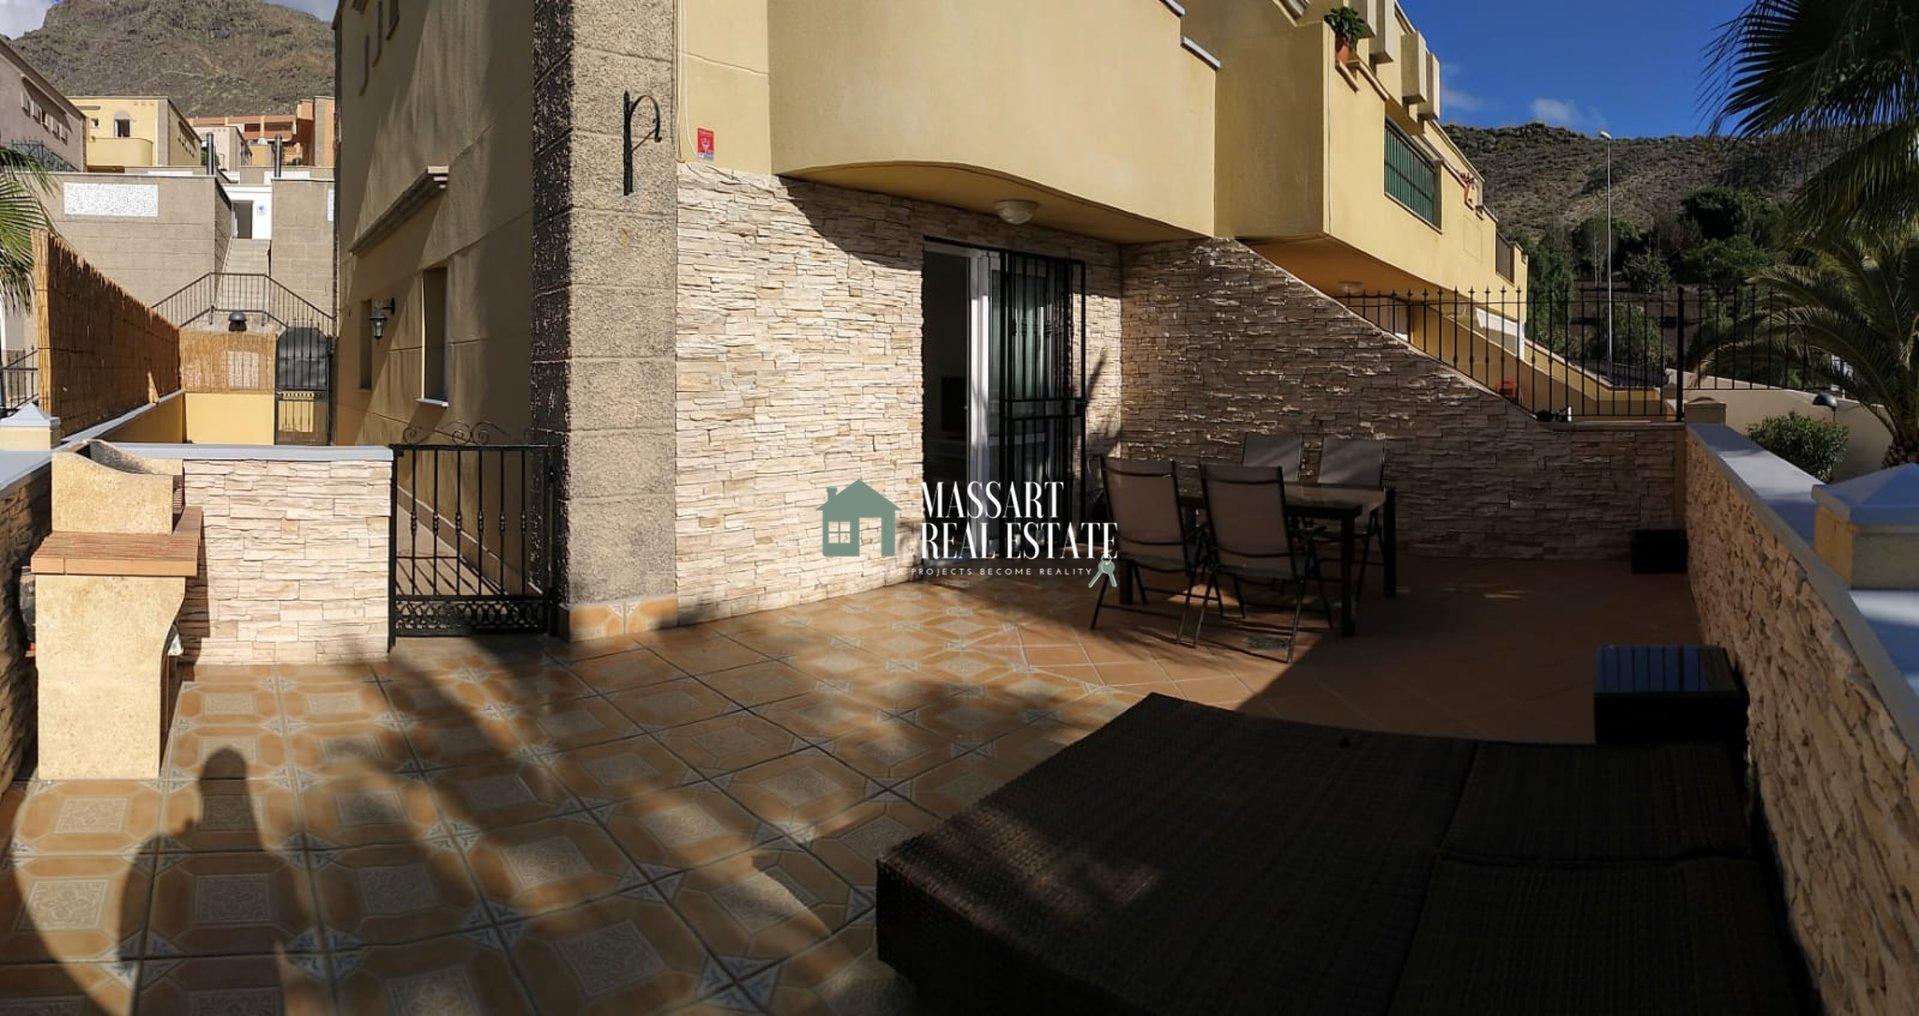 Wunderschönes Doppelhaus mit 150 m2 zur Miete in Torviscas Alto (Adeje), das sich durch einen privilegierten Blick auf das Meer und die Insel La Gomera auszeichnet.